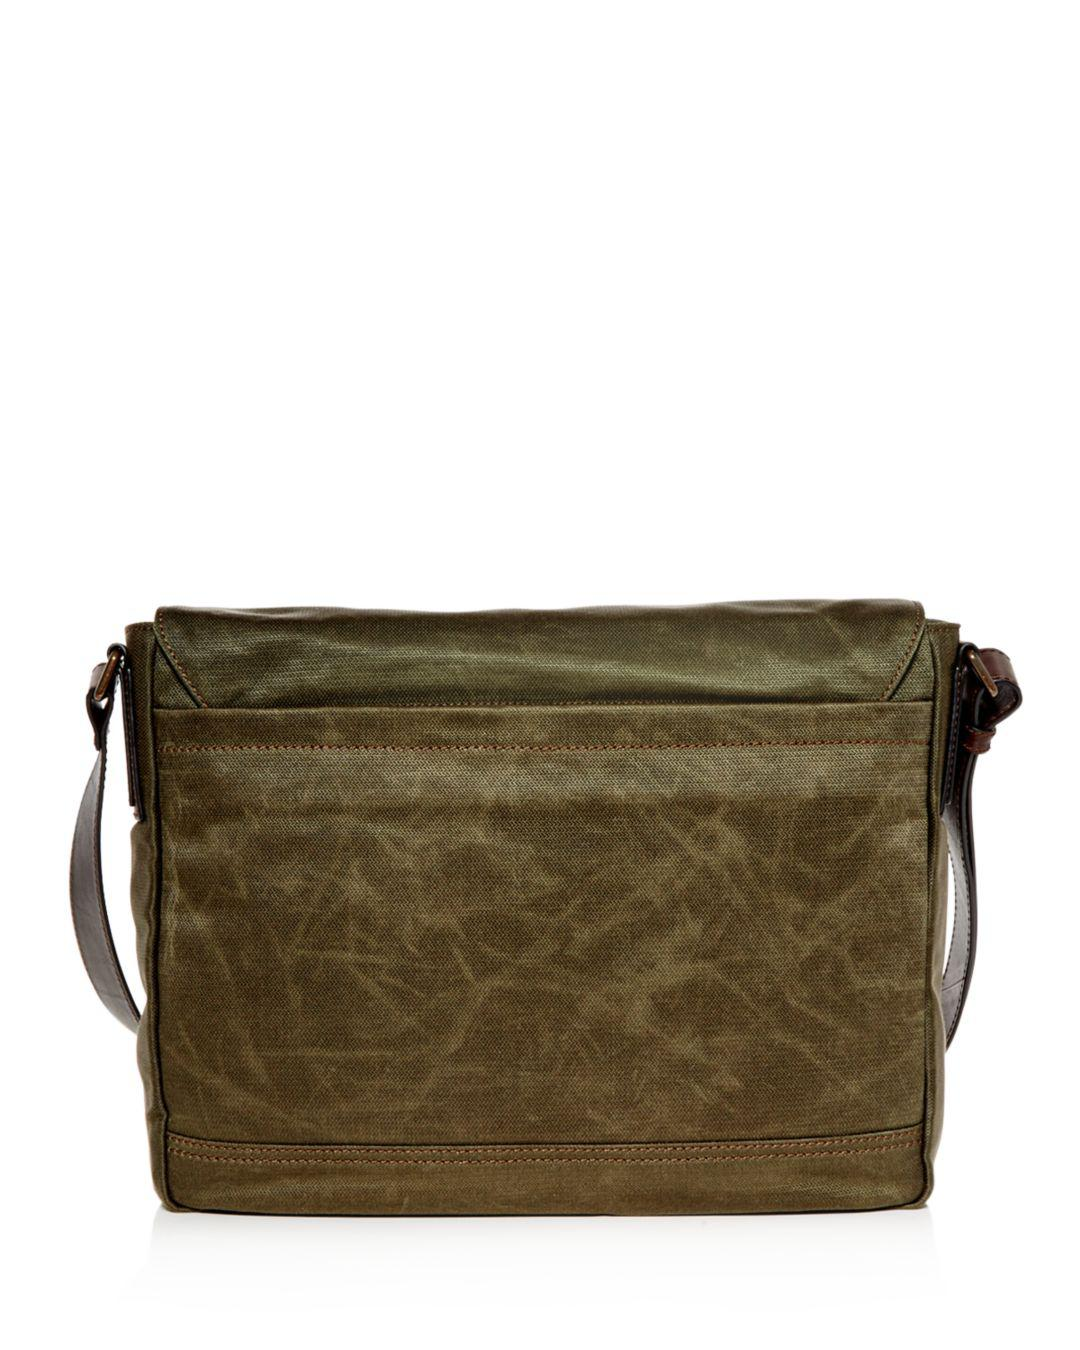 b6618eb8cb Frye - Green Carter Waxed Canvas Messenger Bag for Men - Lyst. View  fullscreen